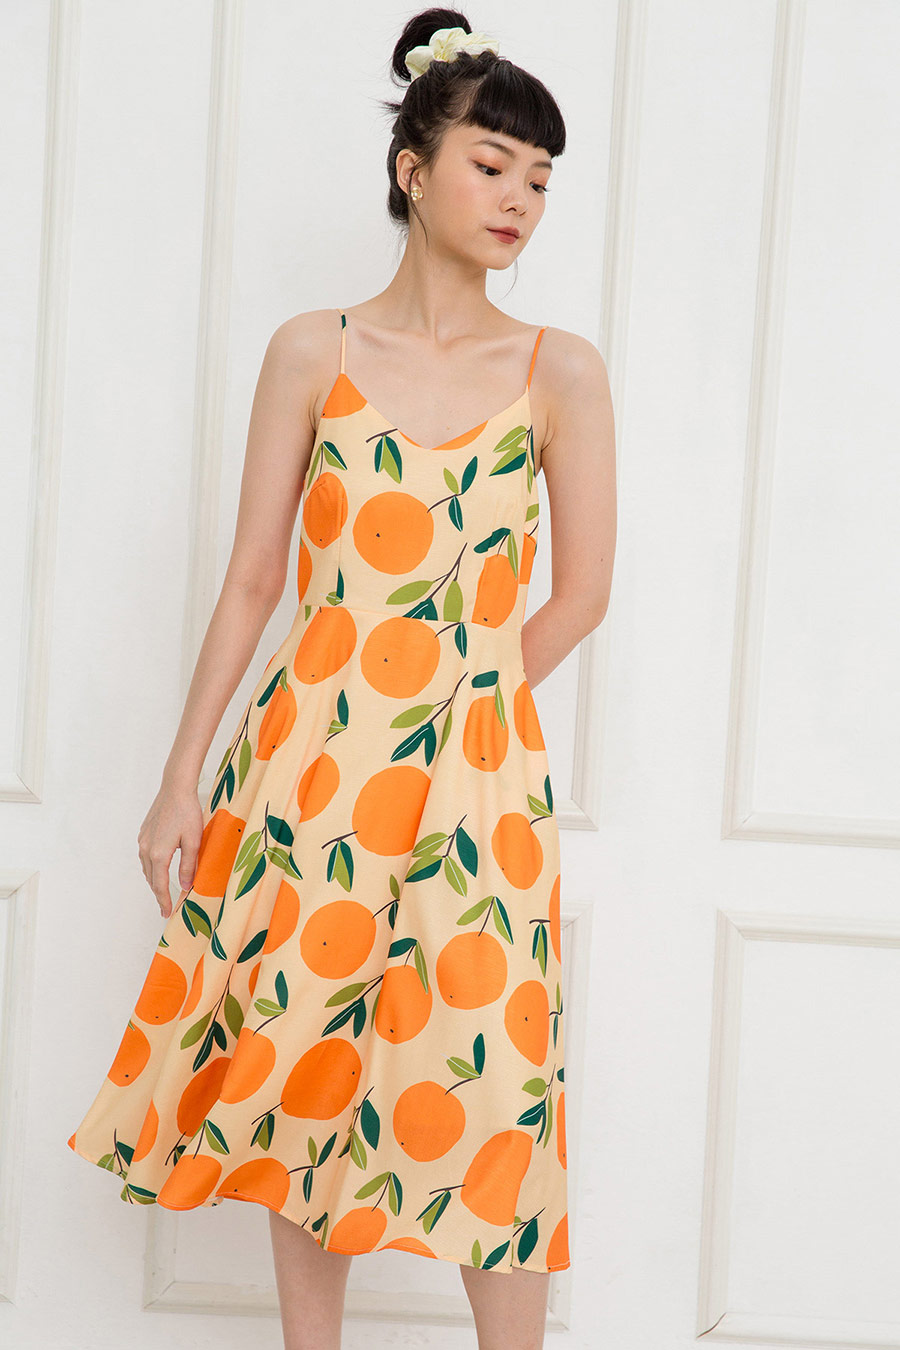 BENDT DRESS - MANDARINE [BY MODPARADE]